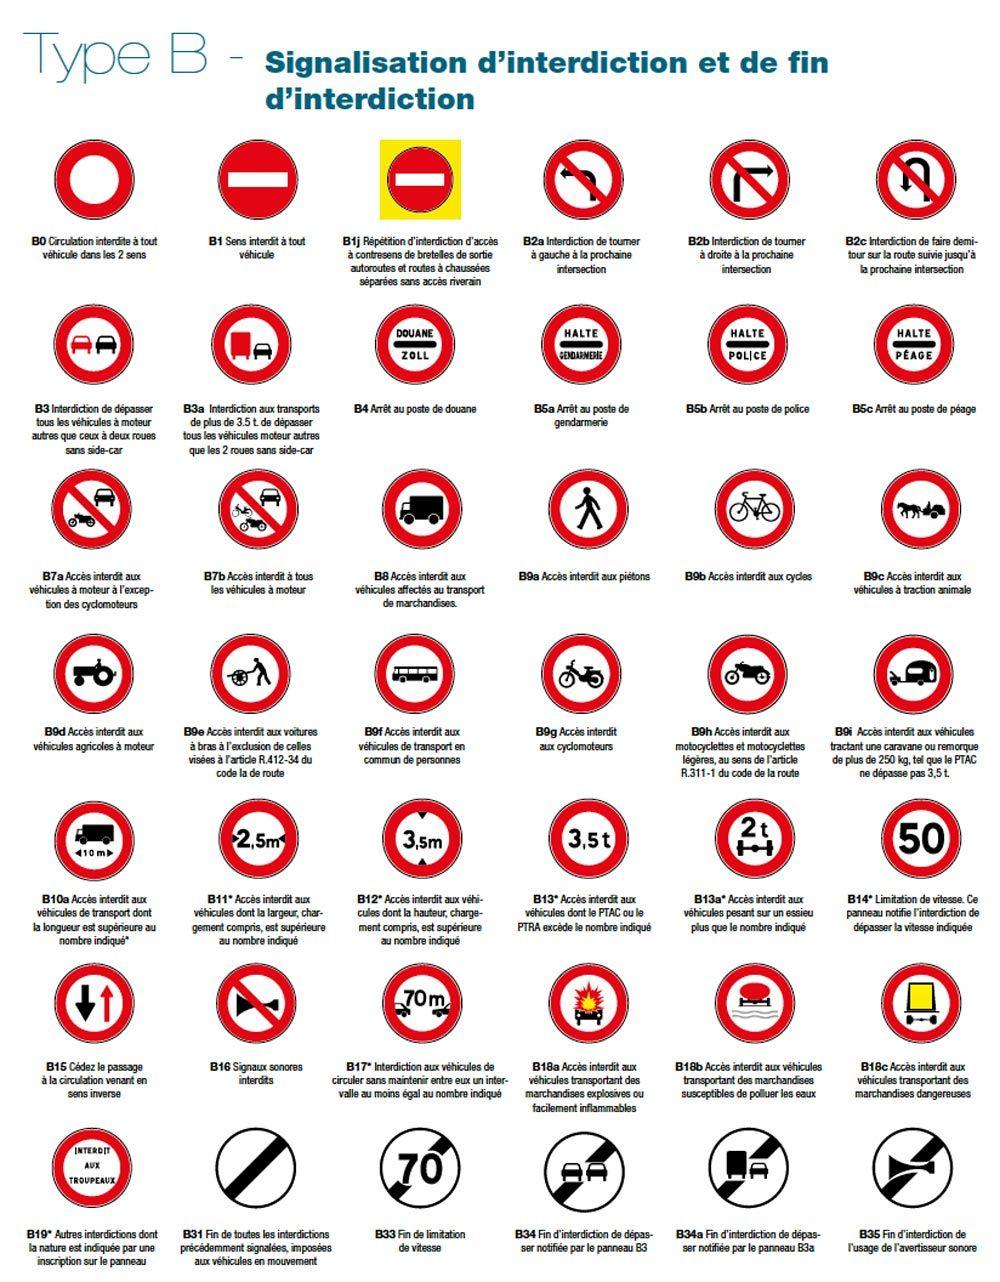 Panneaux de signalisation d'interdiction et de fin d